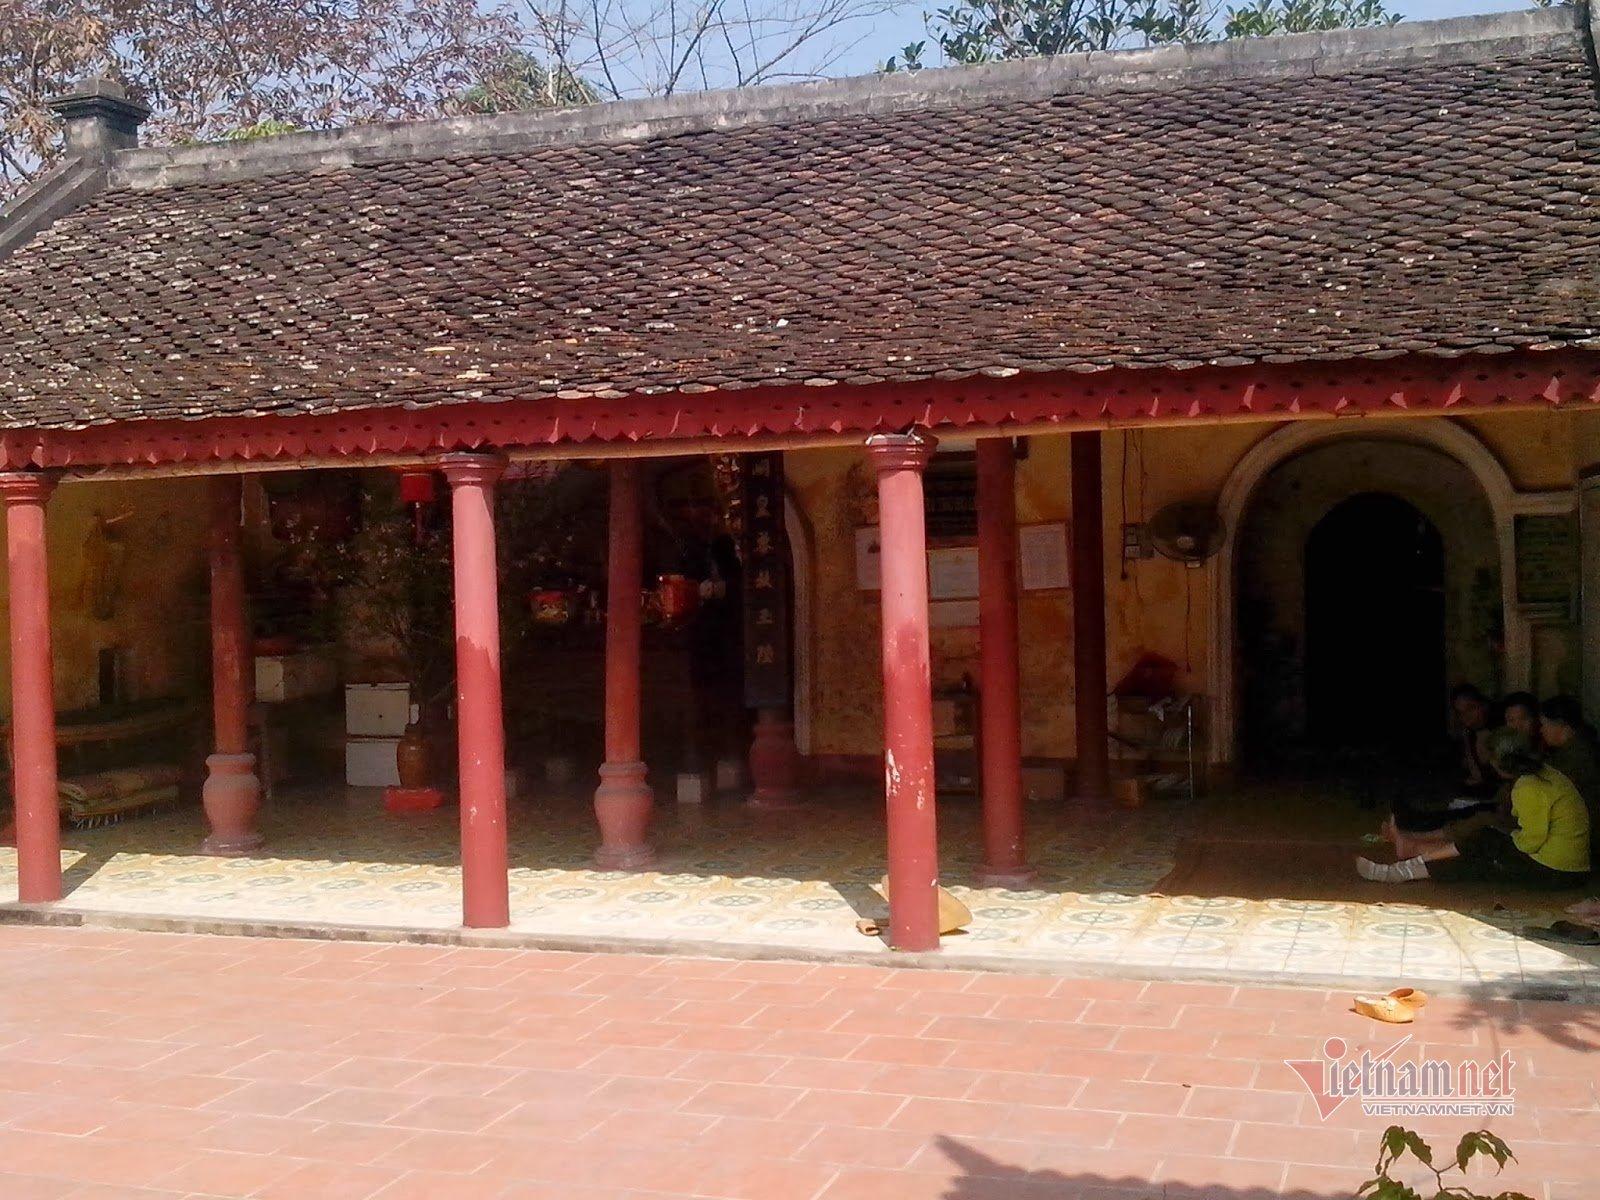 Nhà thờ họ 400 năm tuổi biến thành chùa: Vi phạm luật di sản nghiêm trọng